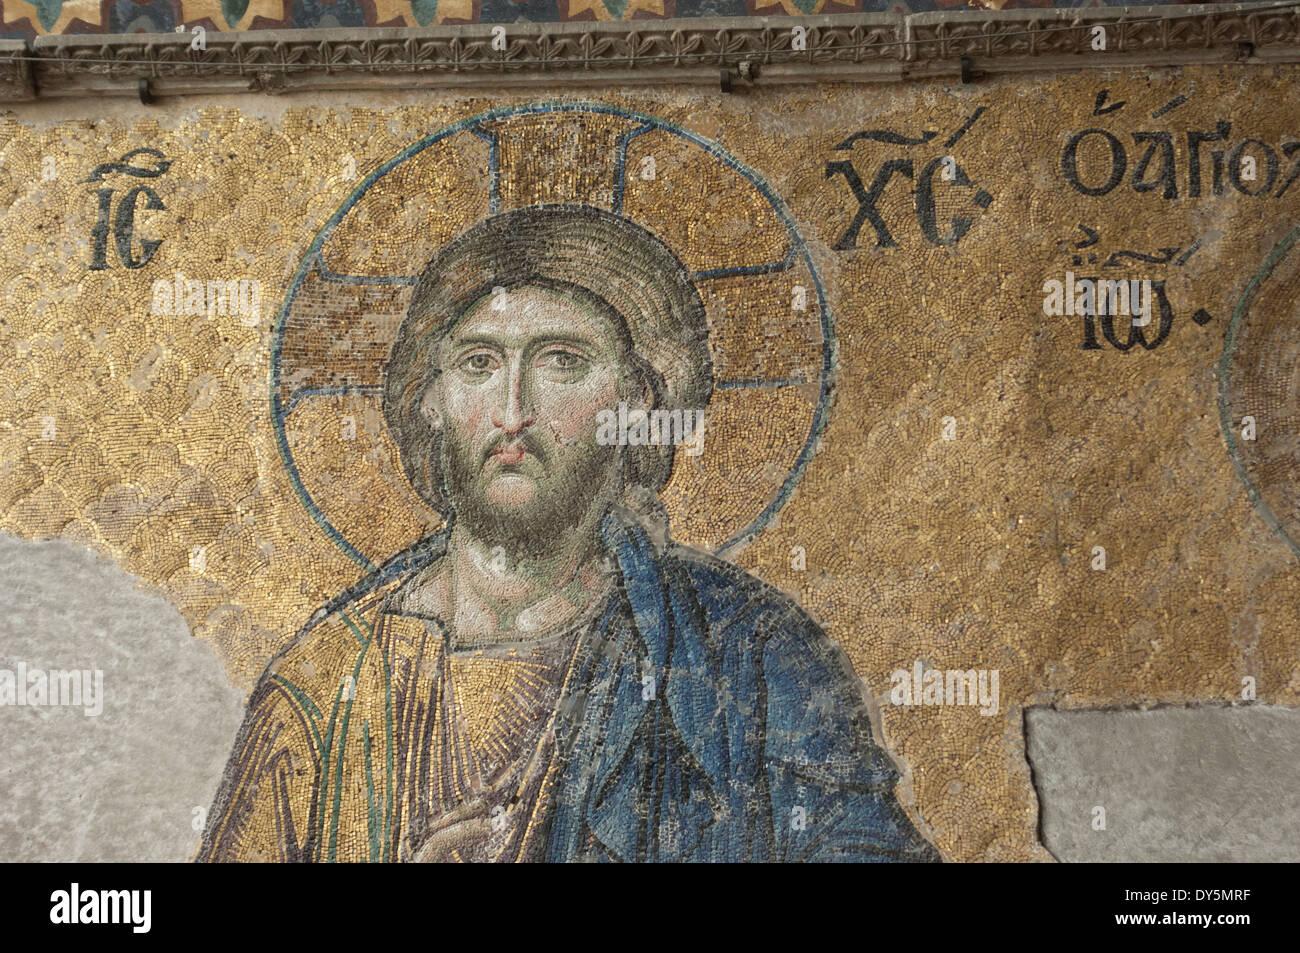 Mosaïque byzantine de Jésus dans la basilique Sainte-Sophie, Istanbul. Photographie numérique Photo Stock